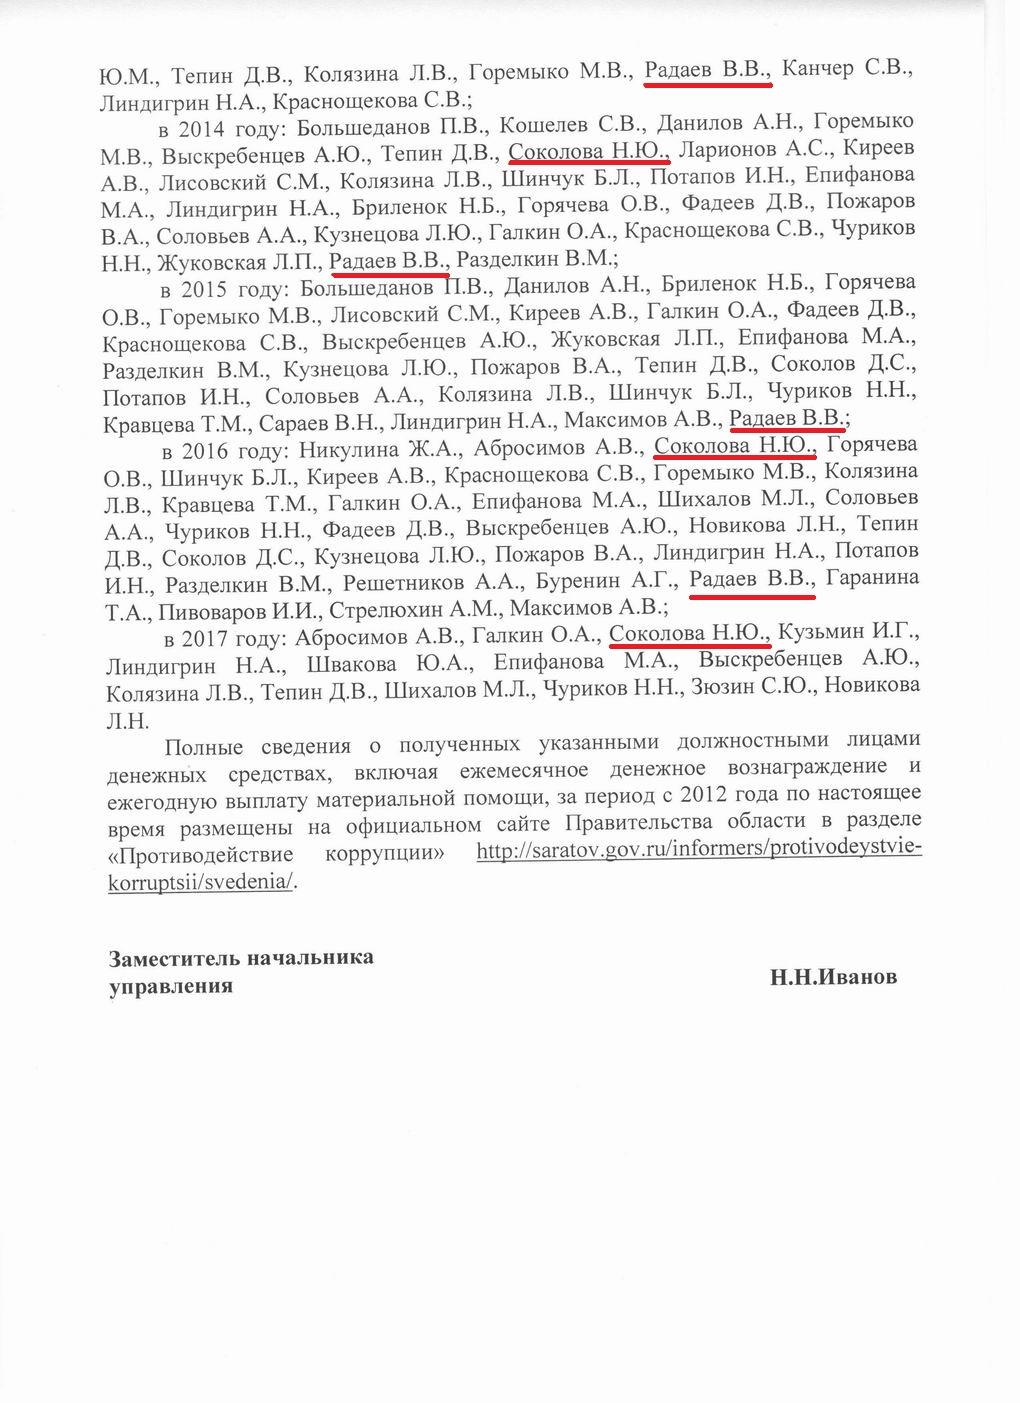 20181013_08-43-«Министр с макарошками» получала материальную помощь от губернатора-pic4